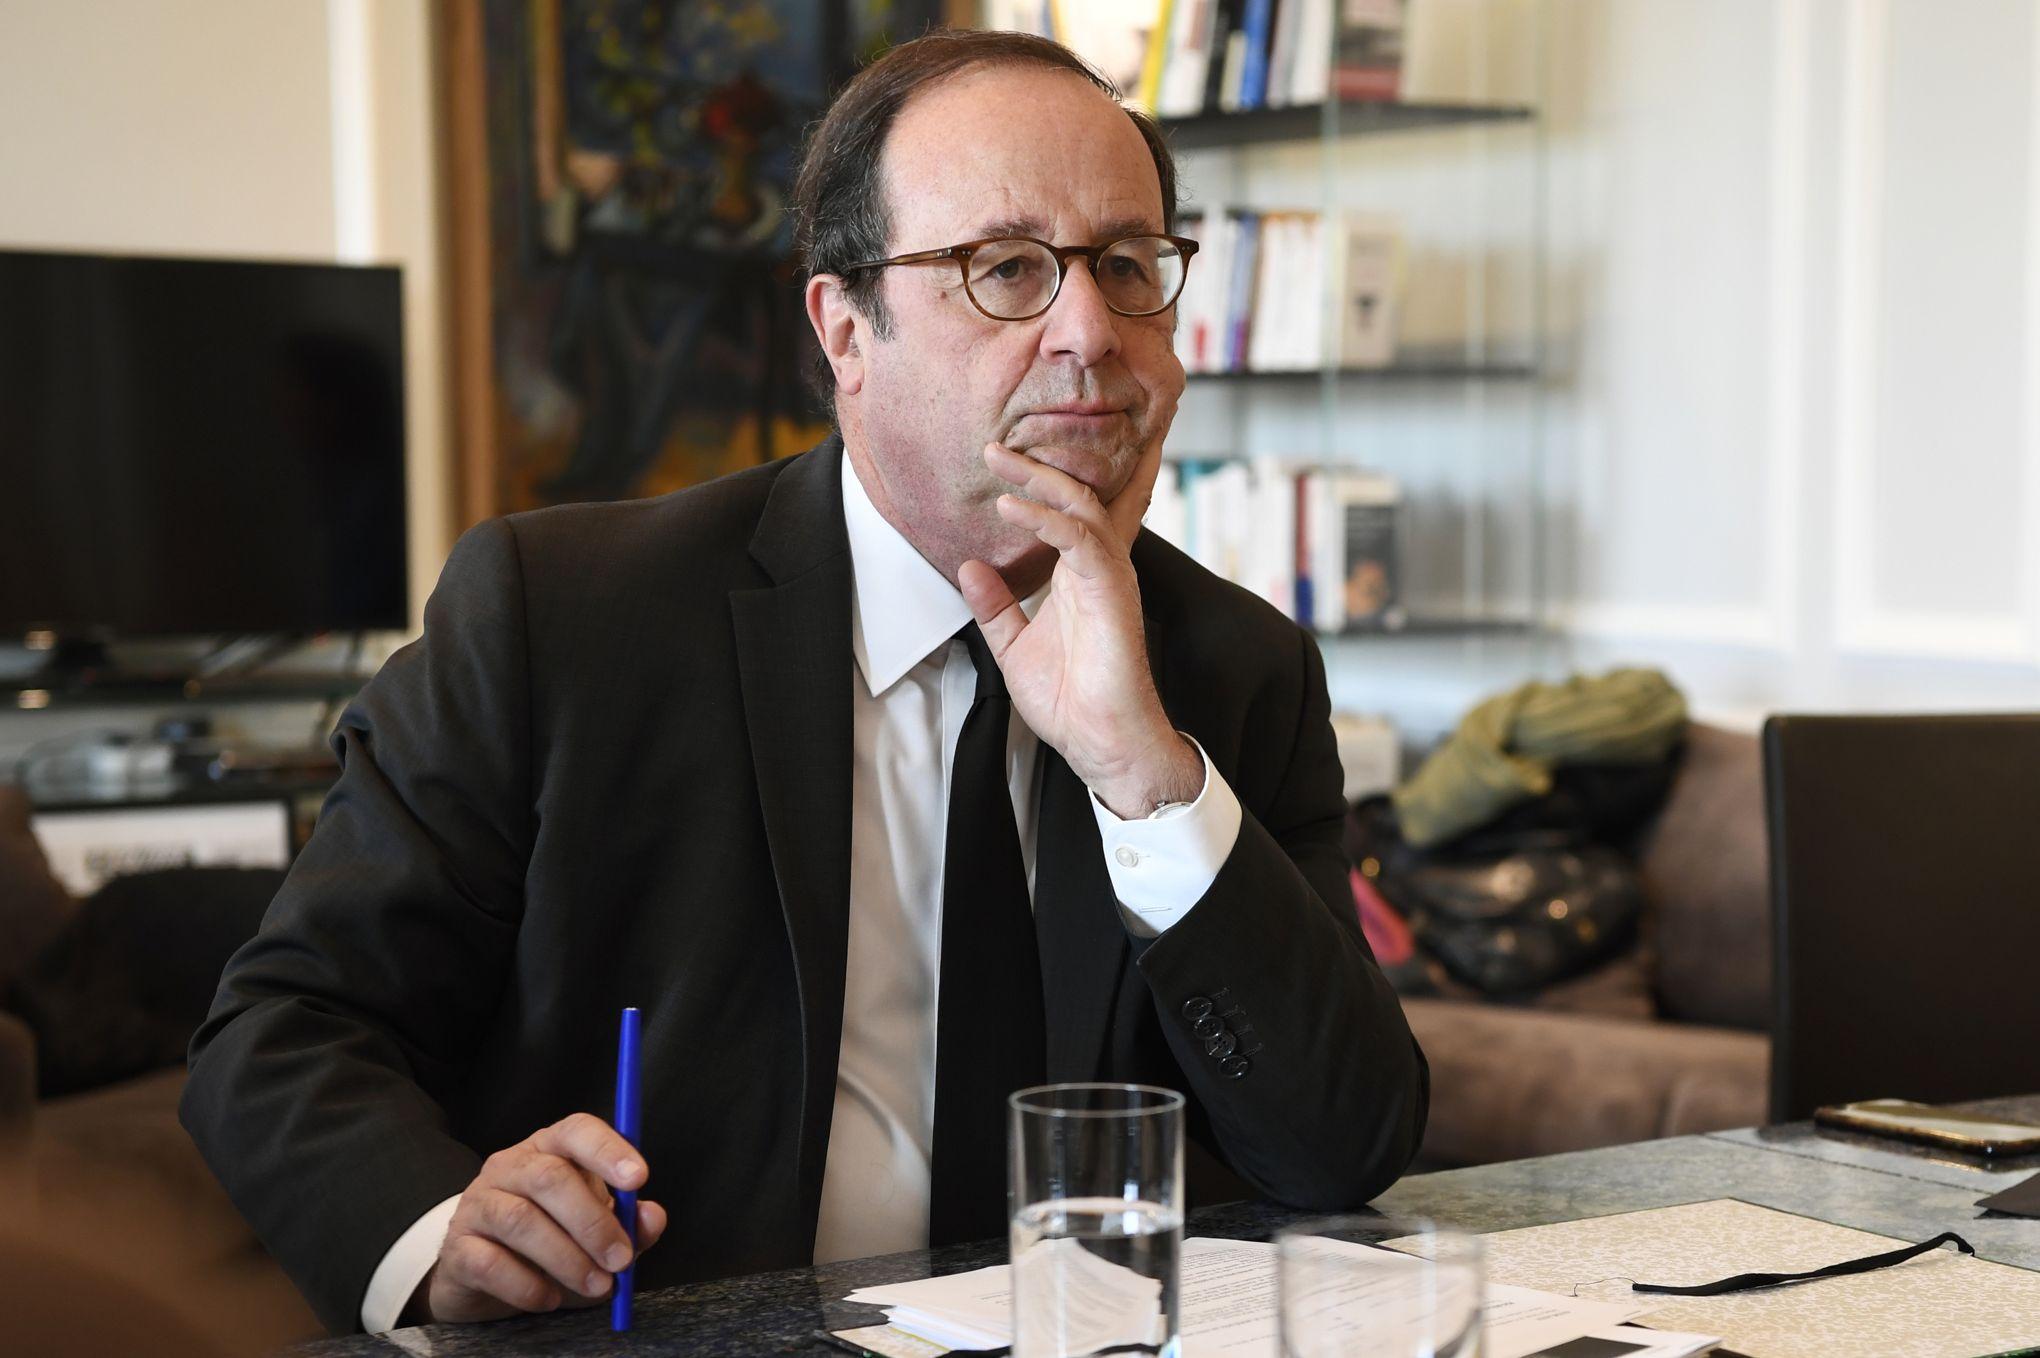 Voile: pour Hollande, la polémique profite aux «extrémistes» et aux «islamistes»